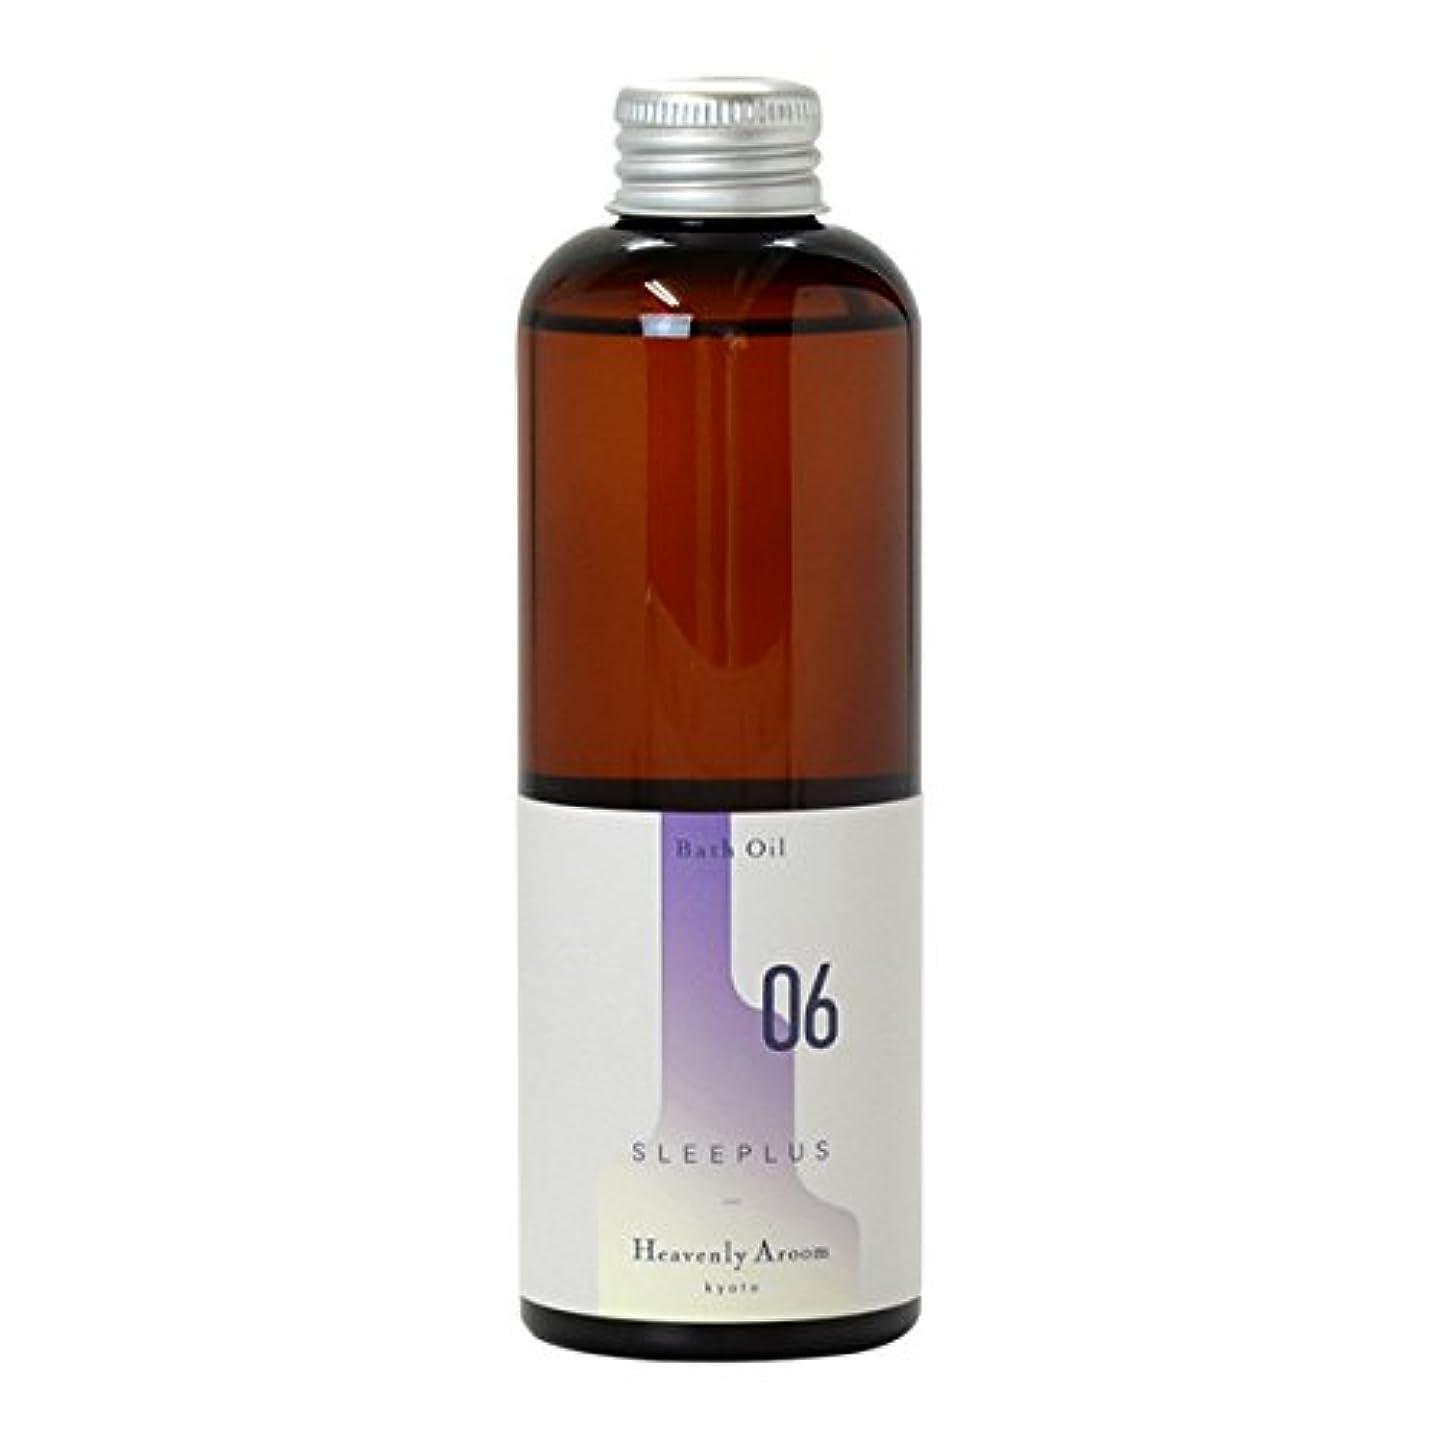 維持する気性呼吸するHeavenly Aroom バスオイル SLEEPLUS 06 ラベンダーバニラ 200ml